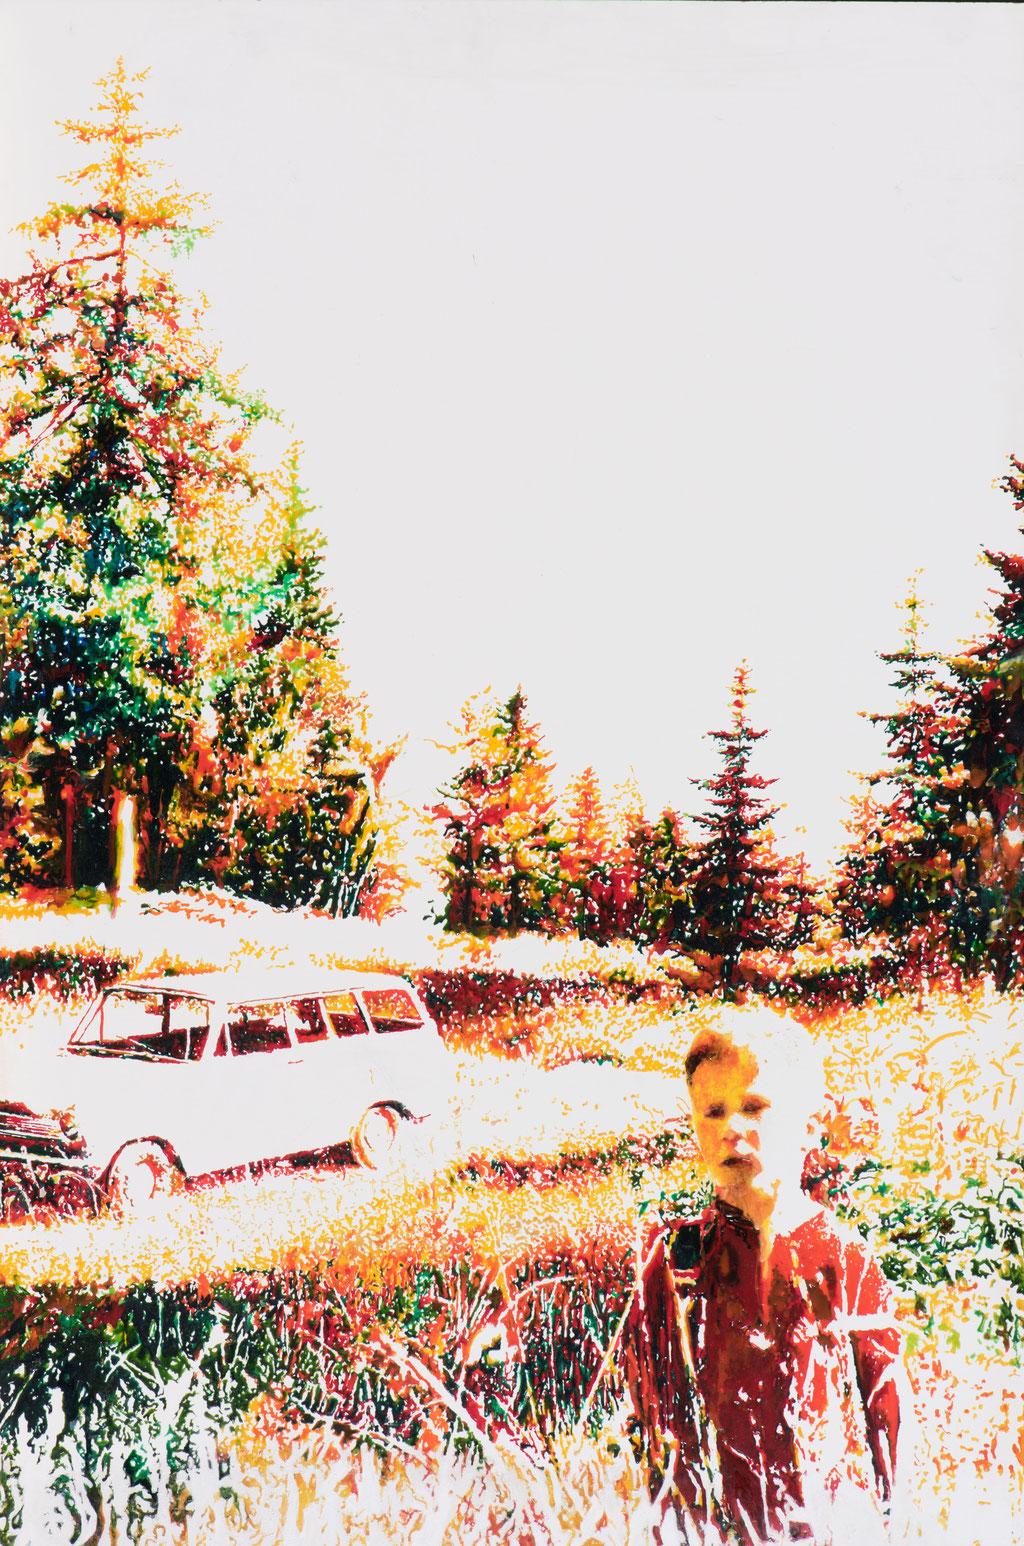 Martin, Glasmalfarben auf MDF Platte, 120 x 80 cm, 2015